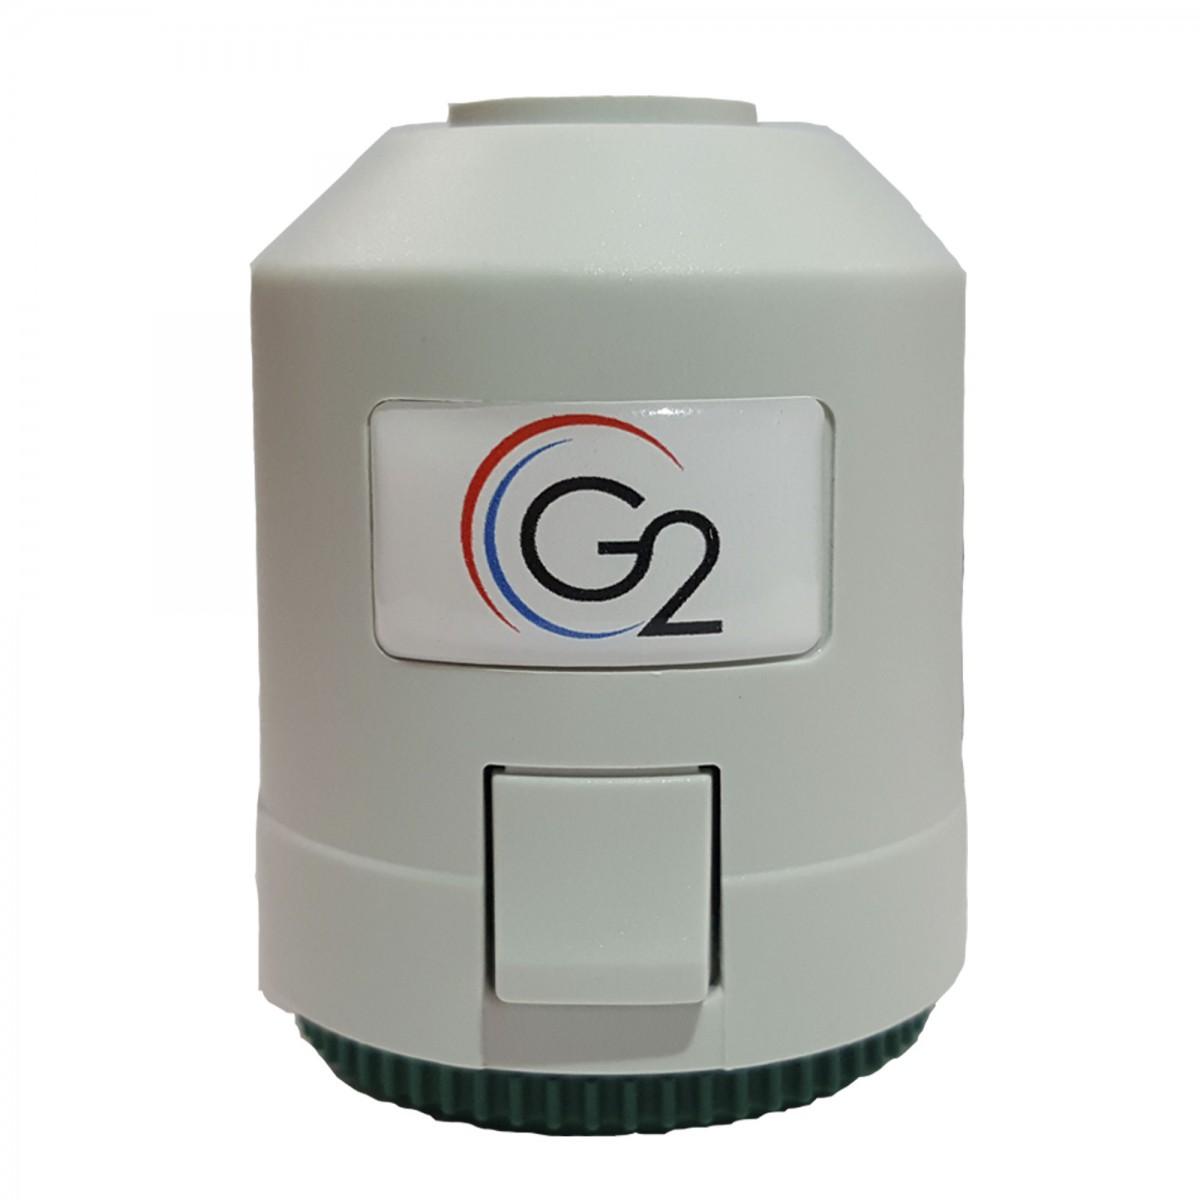 G2 PE 220